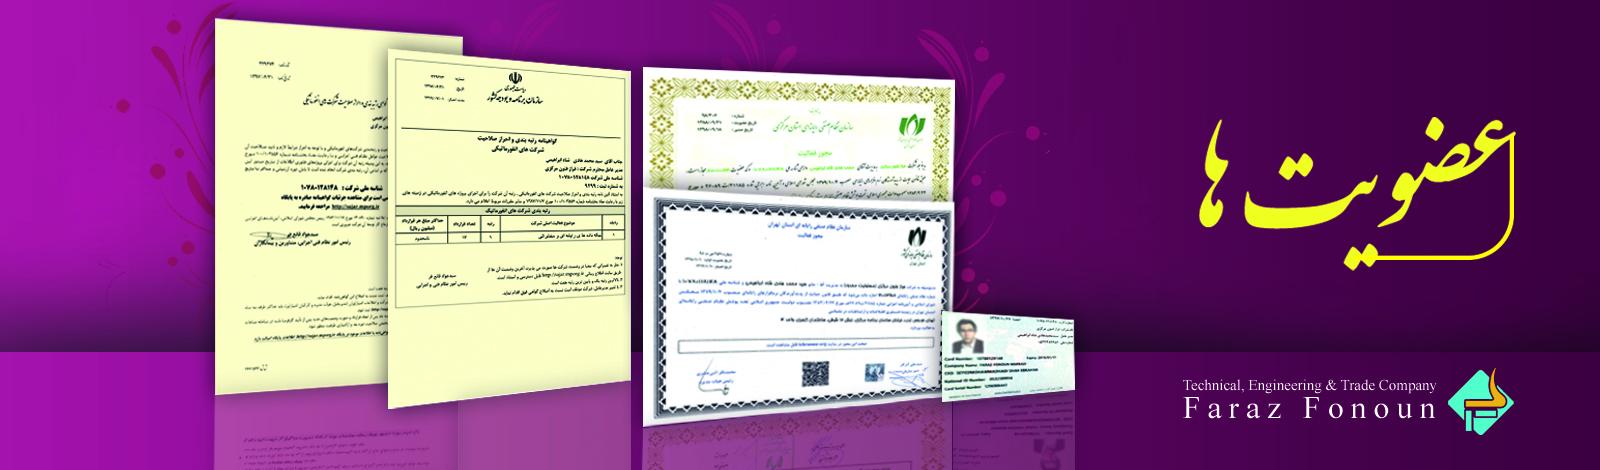 ozviatt-2 مجوزها و گواهینامه ها